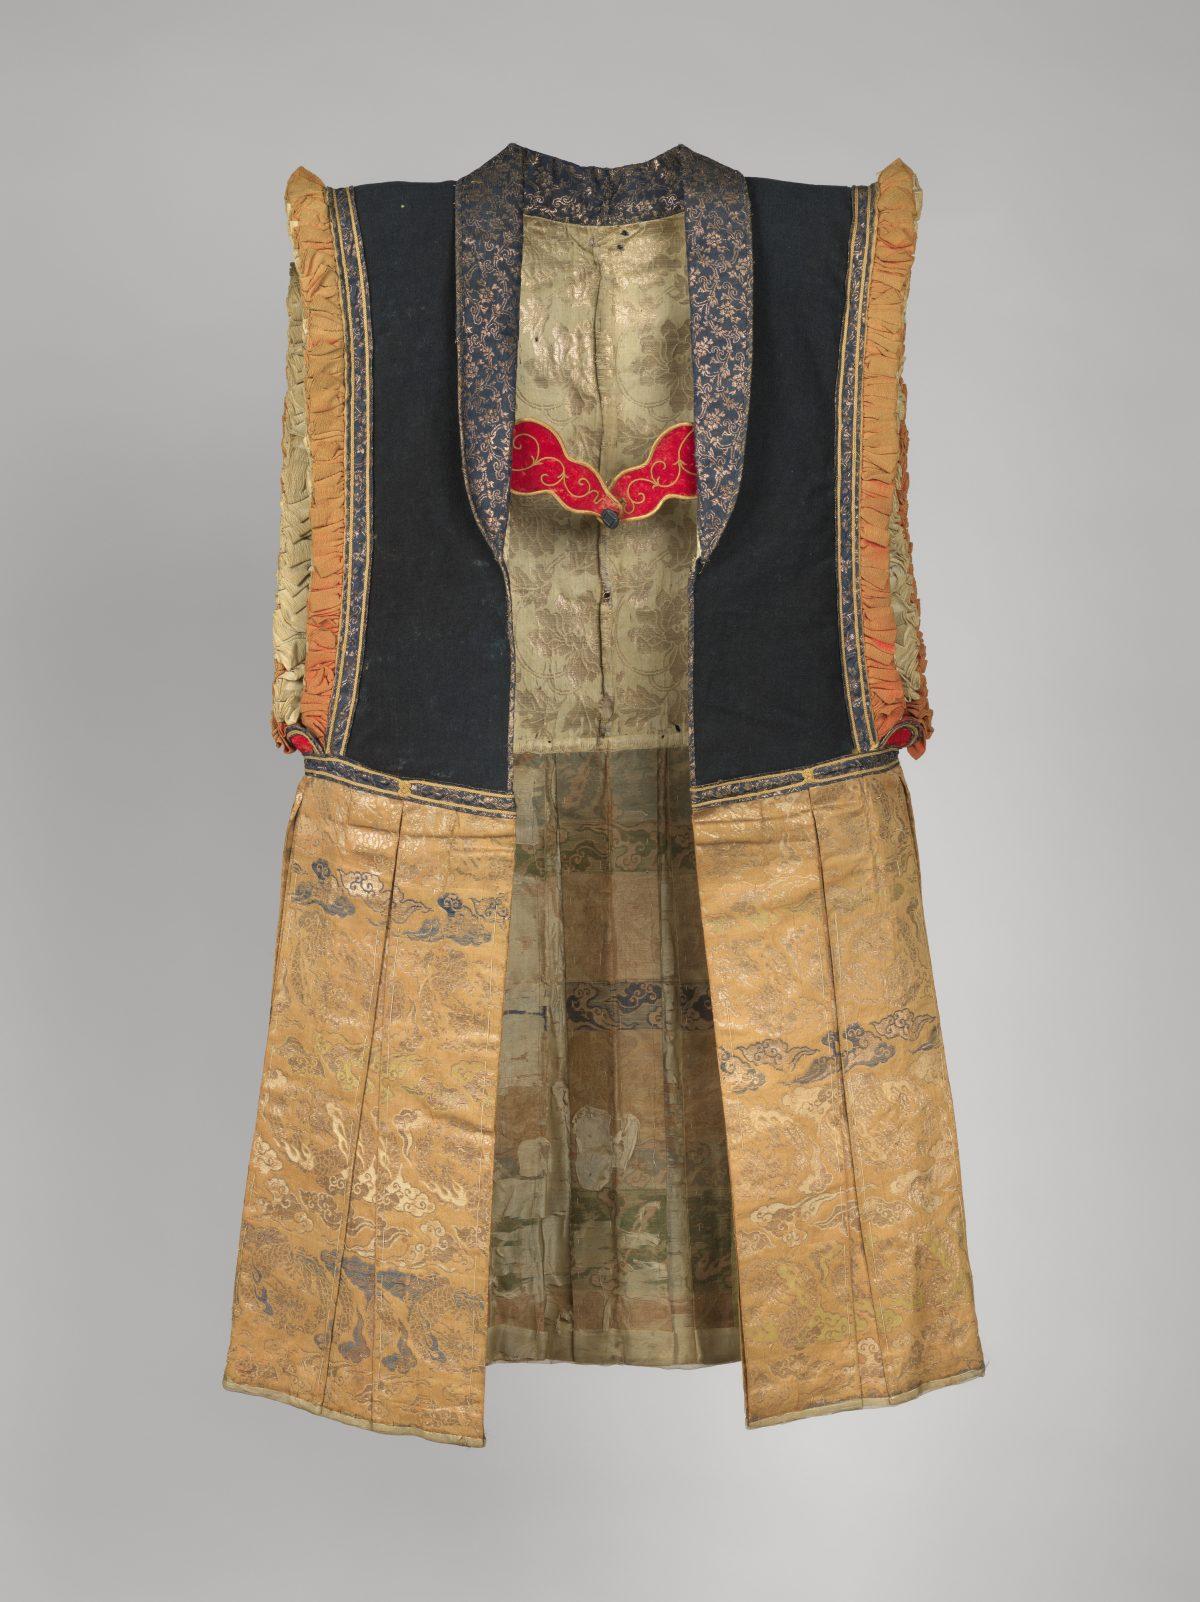 Surcoat (jinbaori) front